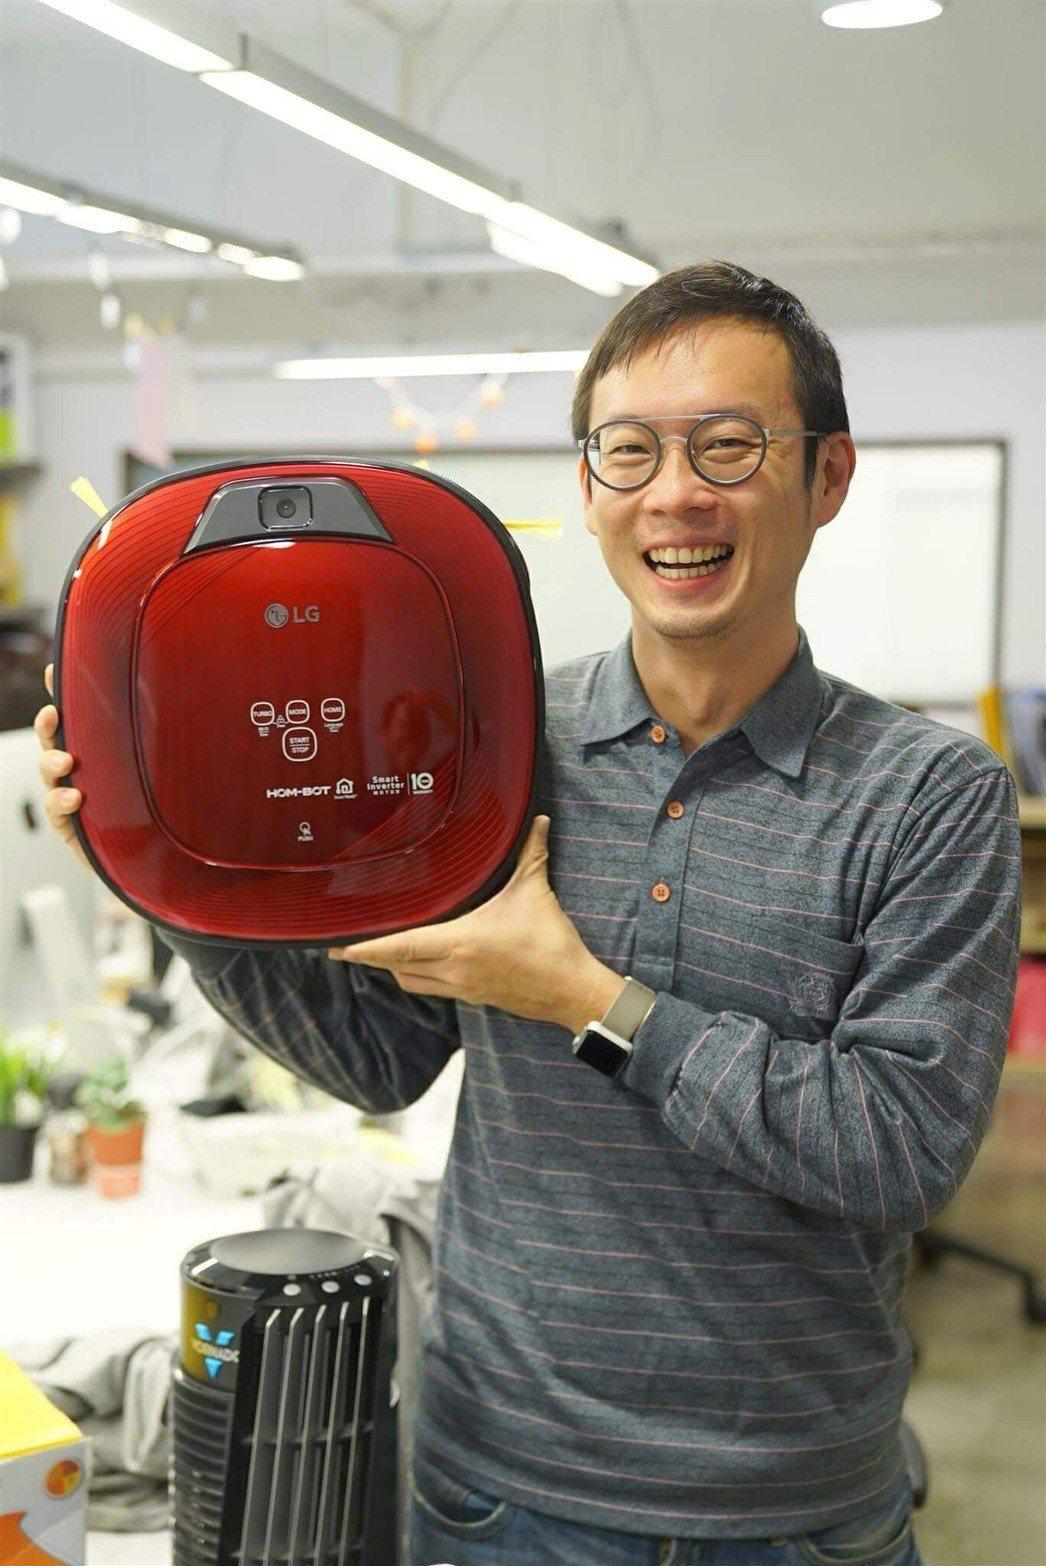 過年清鬆掃!有了LG小紅掃地機,地板天天都乾淨。486團購網/提供